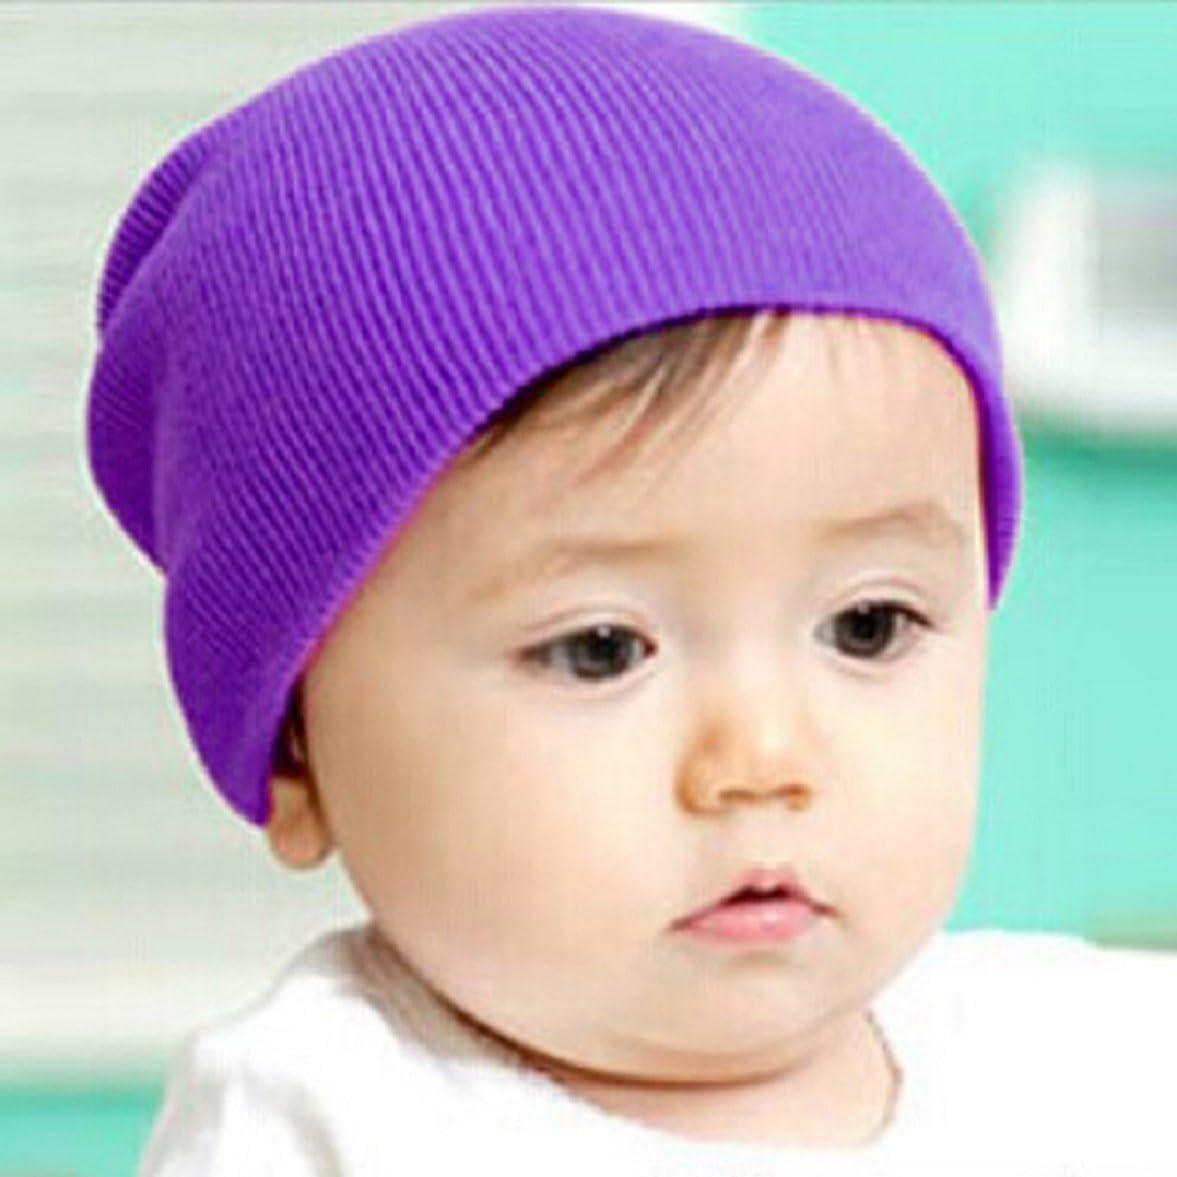 Amison Baby Beanie Boy Girls Soft Hat Children Winter Warm Kids Cap